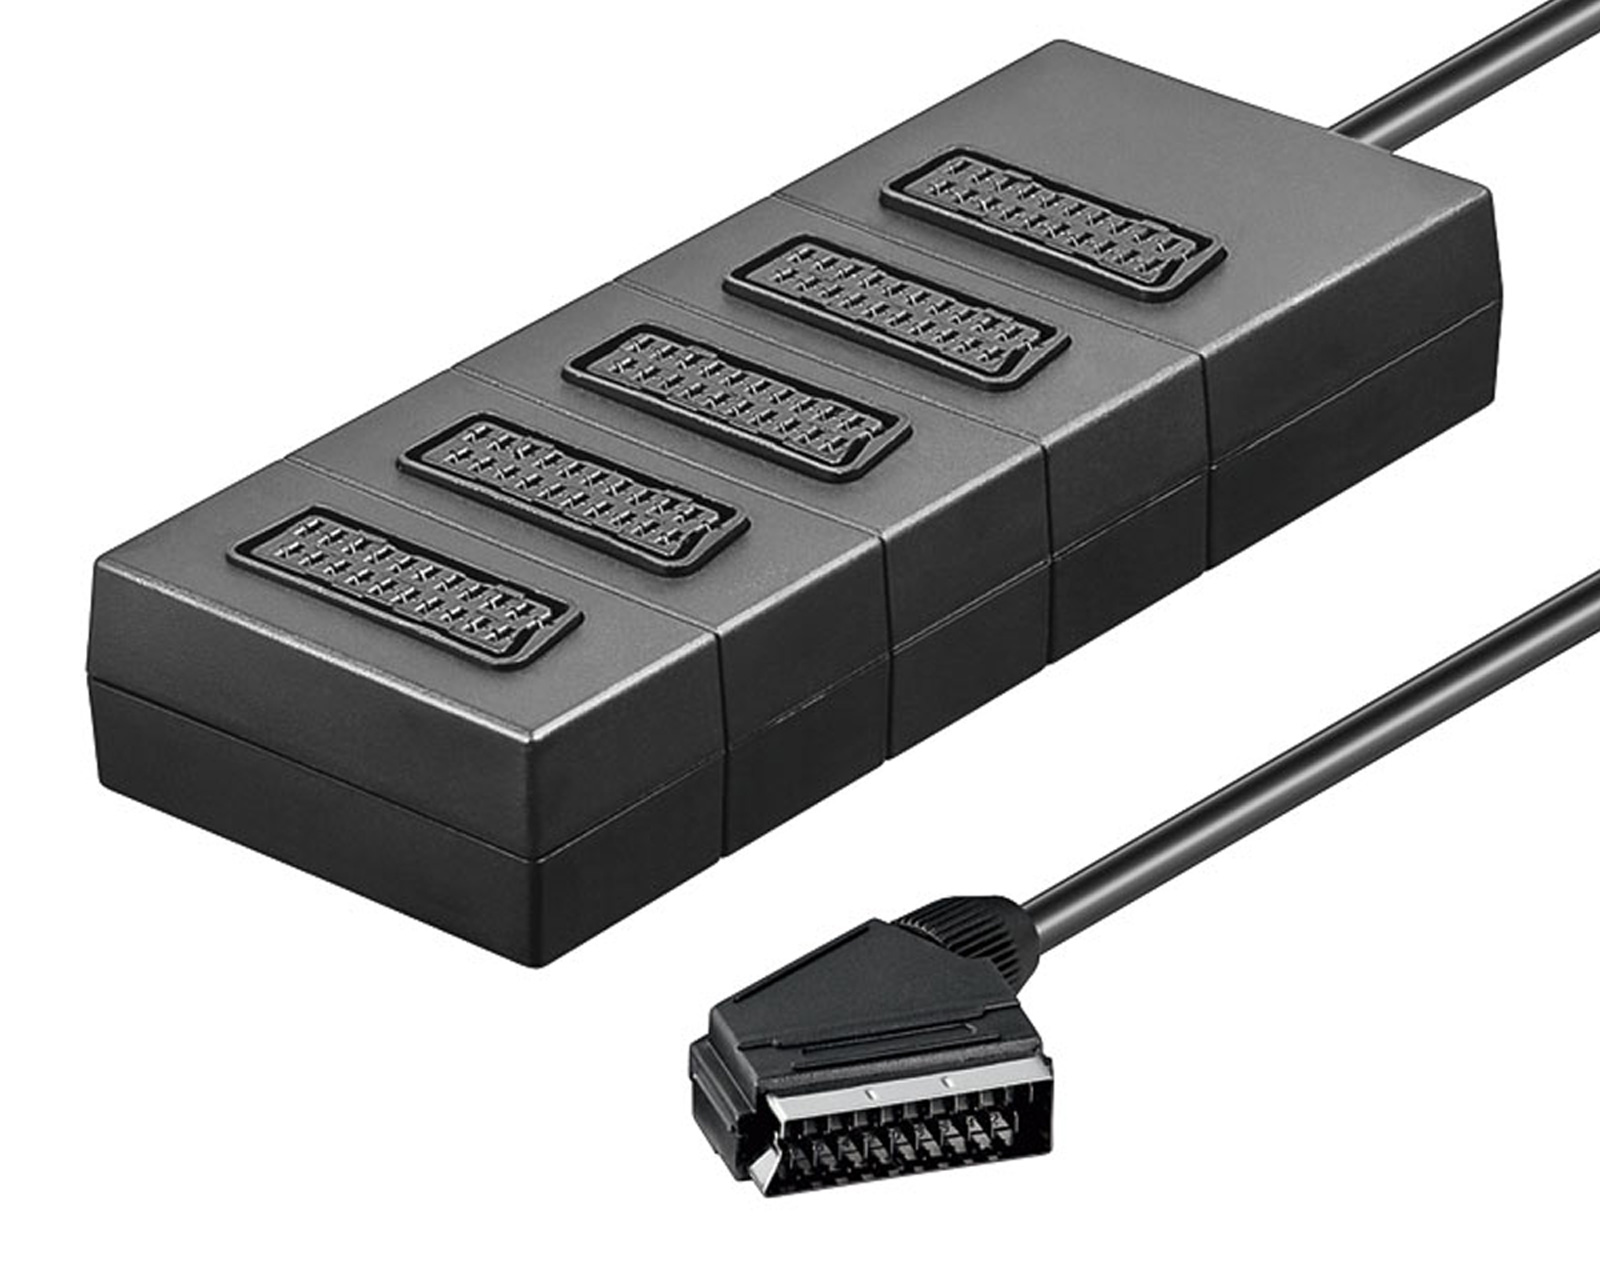 5fach 5 scart verteiler adapter stecker tv scartverteiler. Black Bedroom Furniture Sets. Home Design Ideas